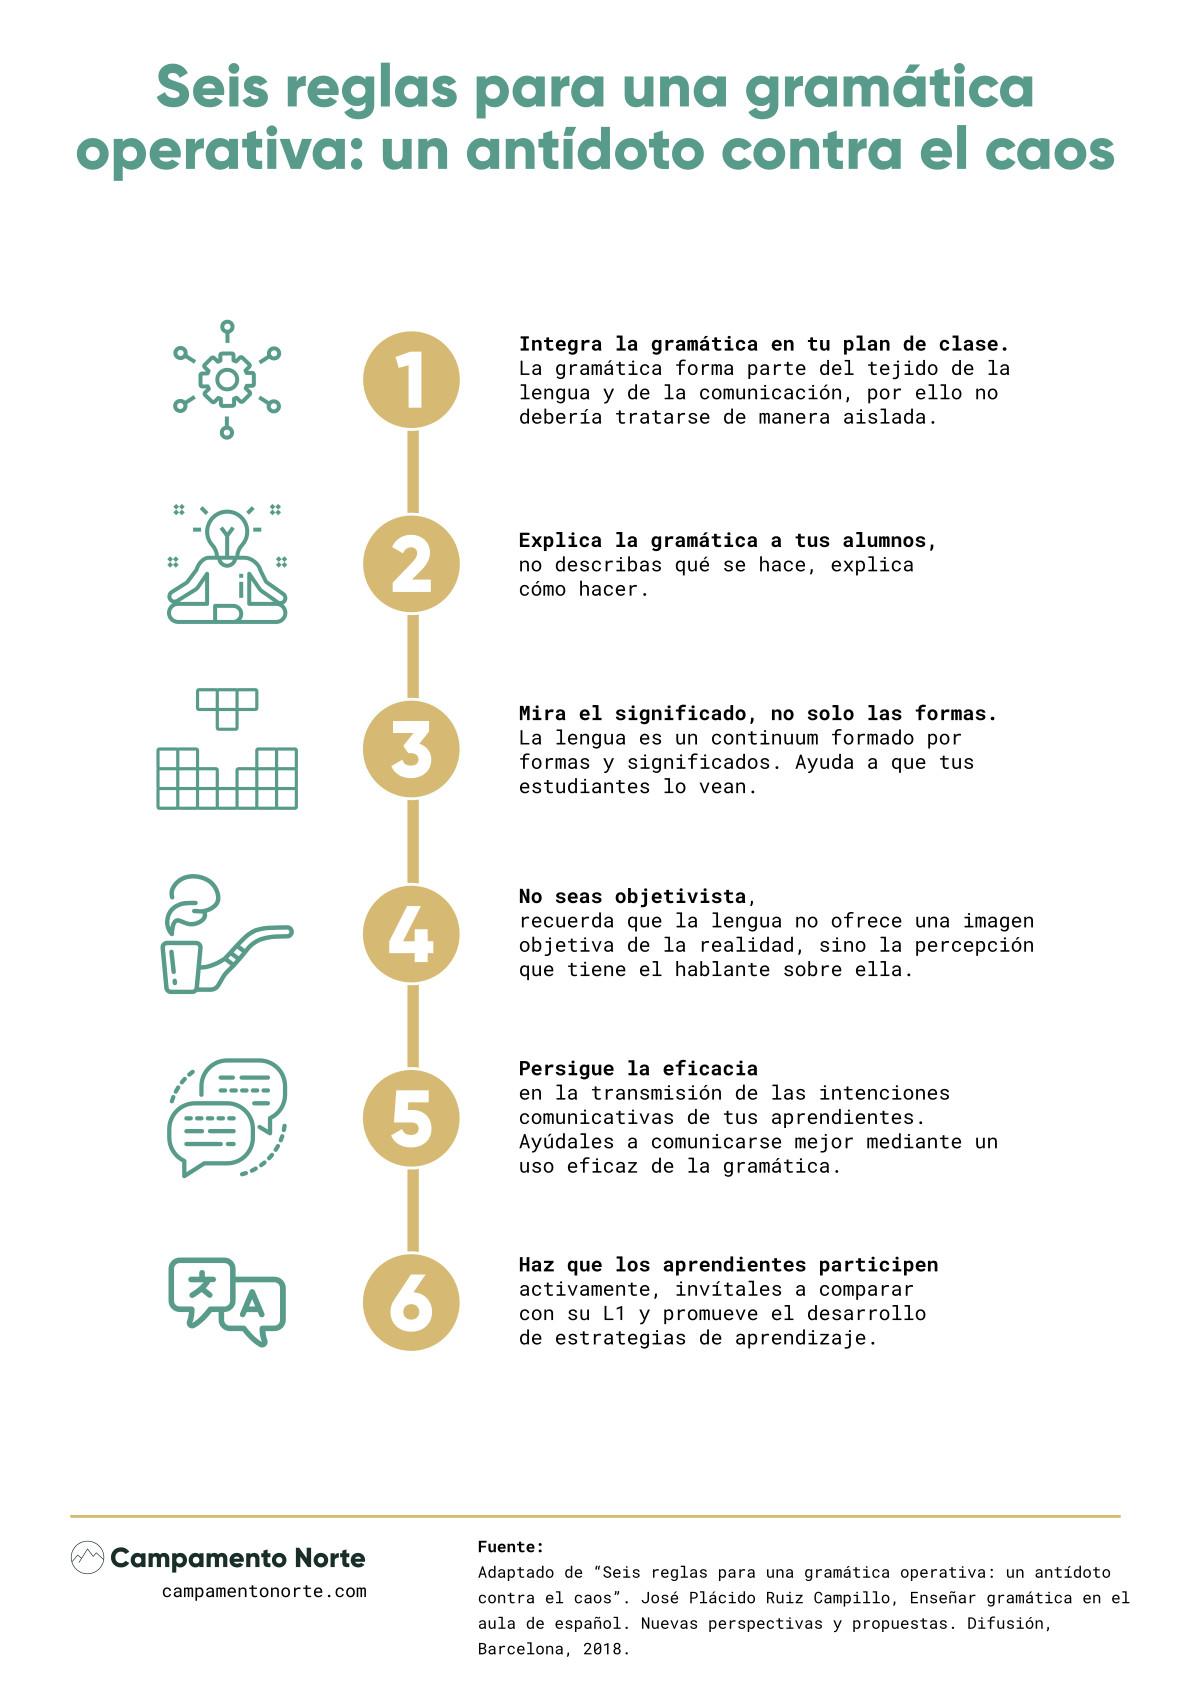 """Infografía """"Seis reglas para una gramática operativa: un antídoto contra el caos"""" de Ruiz Campillo"""